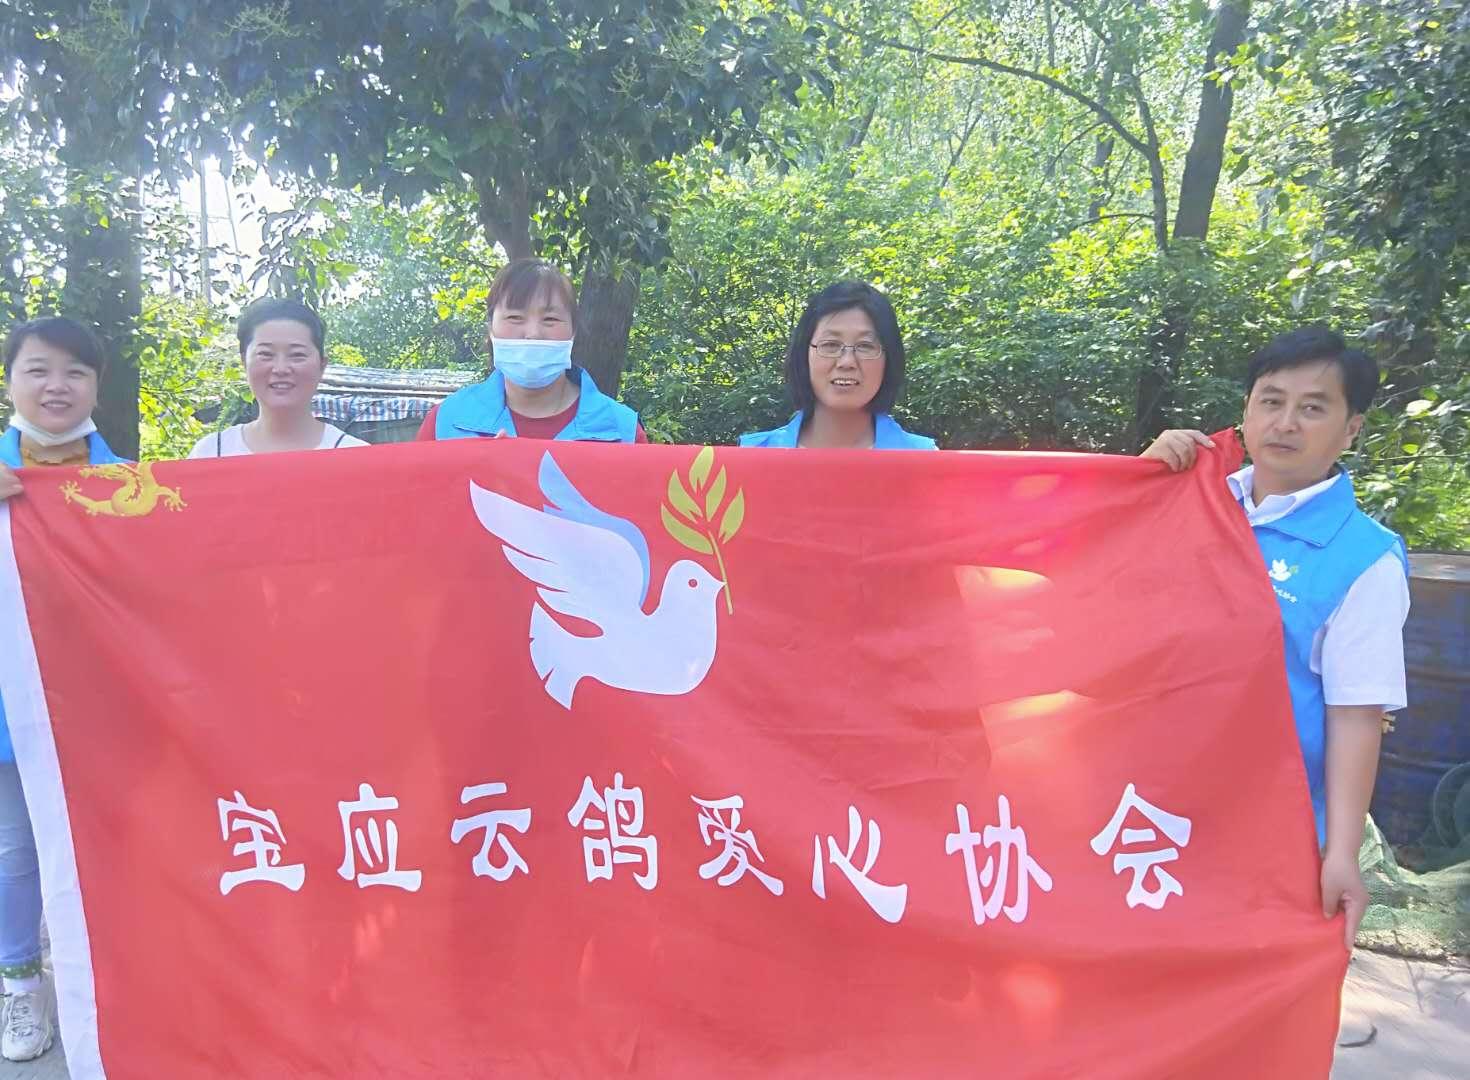 宝应云鸽爱心协会第78期金宝渔业村(避风港)